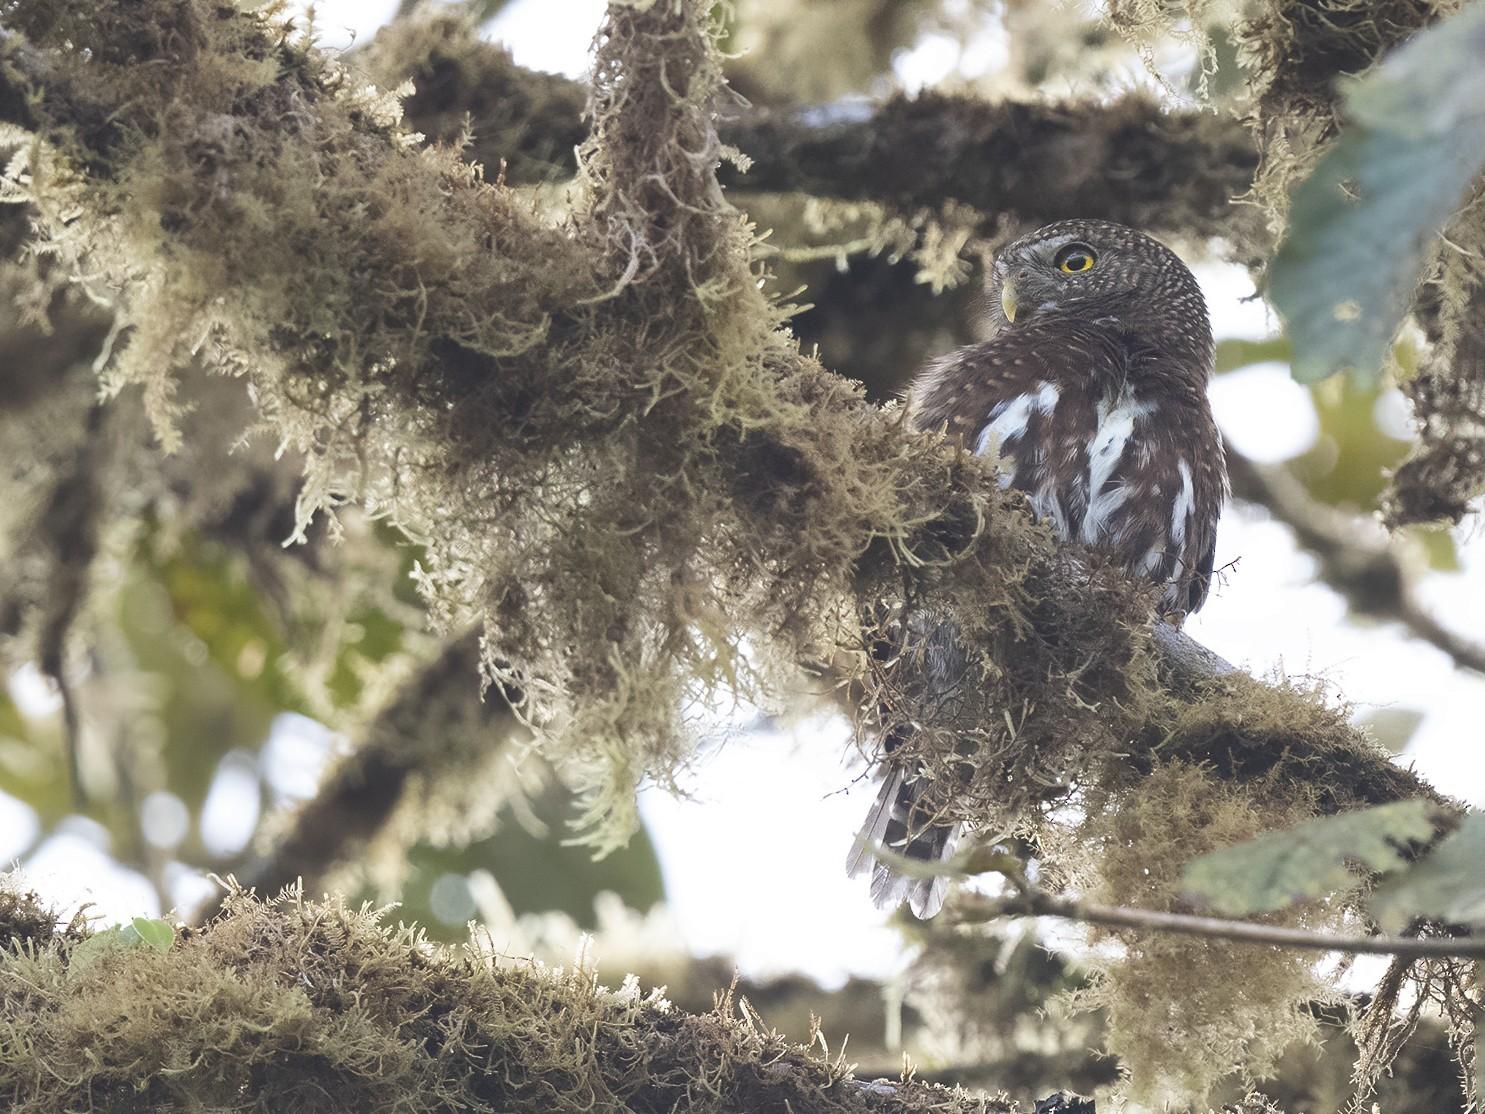 Costa Rican Pygmy-Owl - Peter Hawrylyshyn